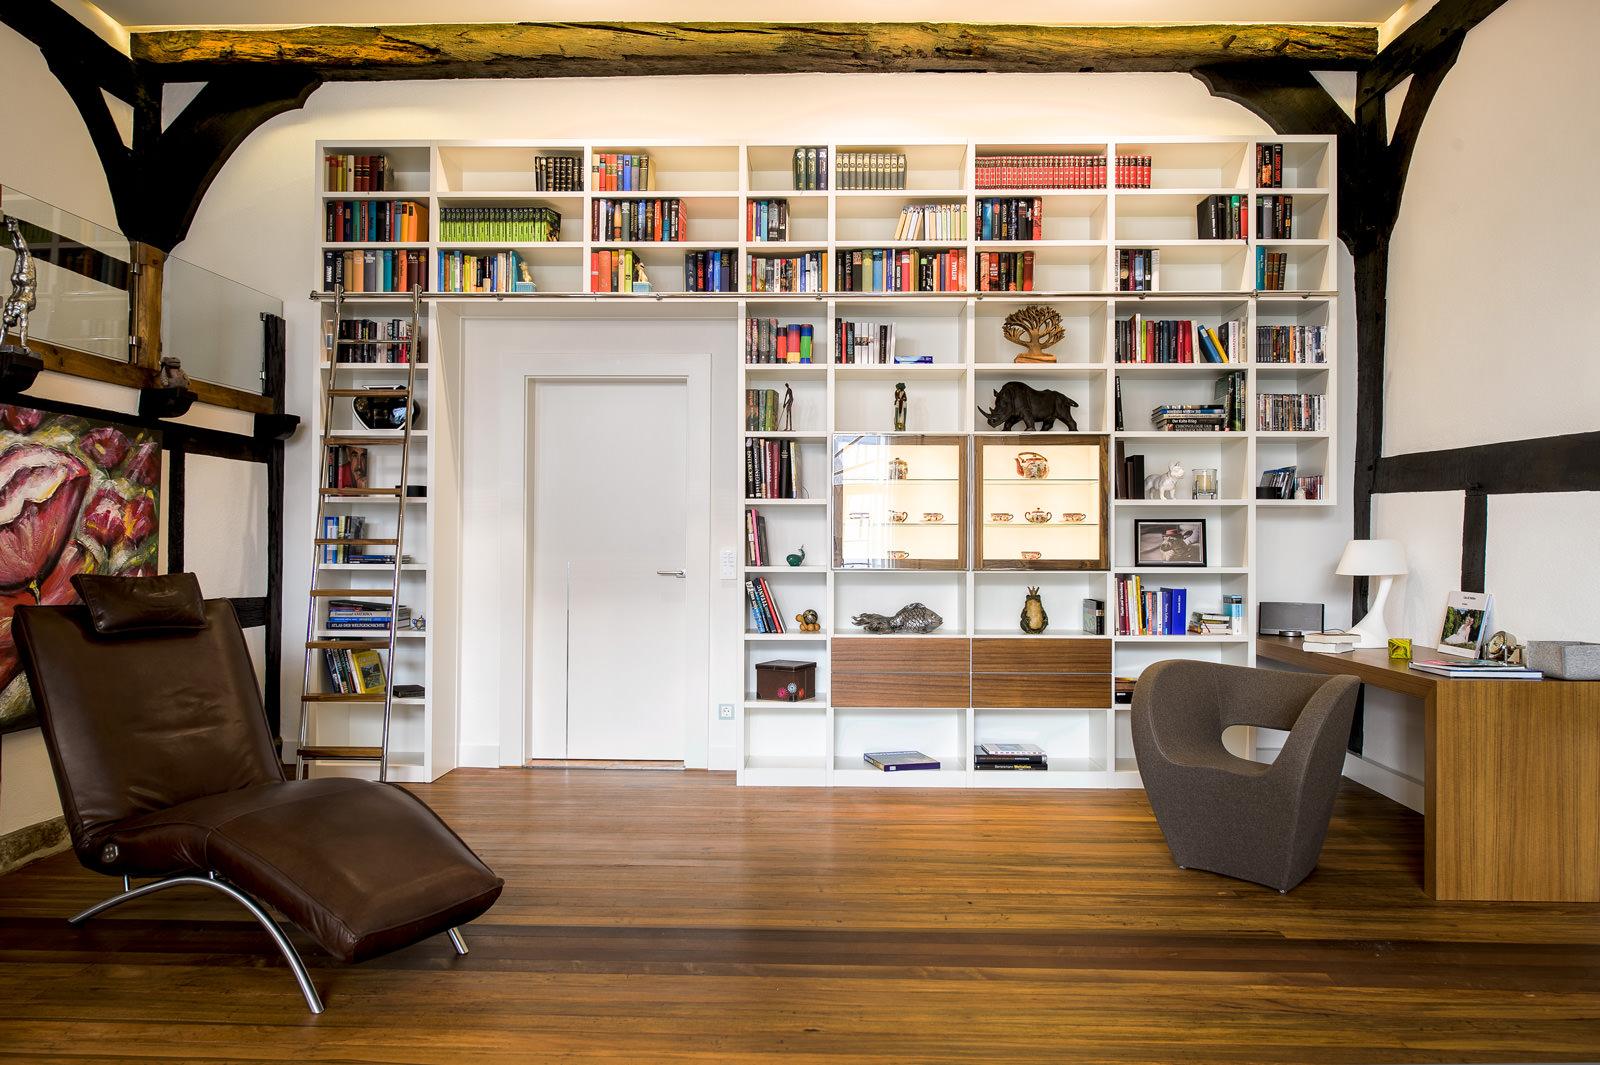 tischlerei hagemeier in steinhagen referenzen m belbau. Black Bedroom Furniture Sets. Home Design Ideas